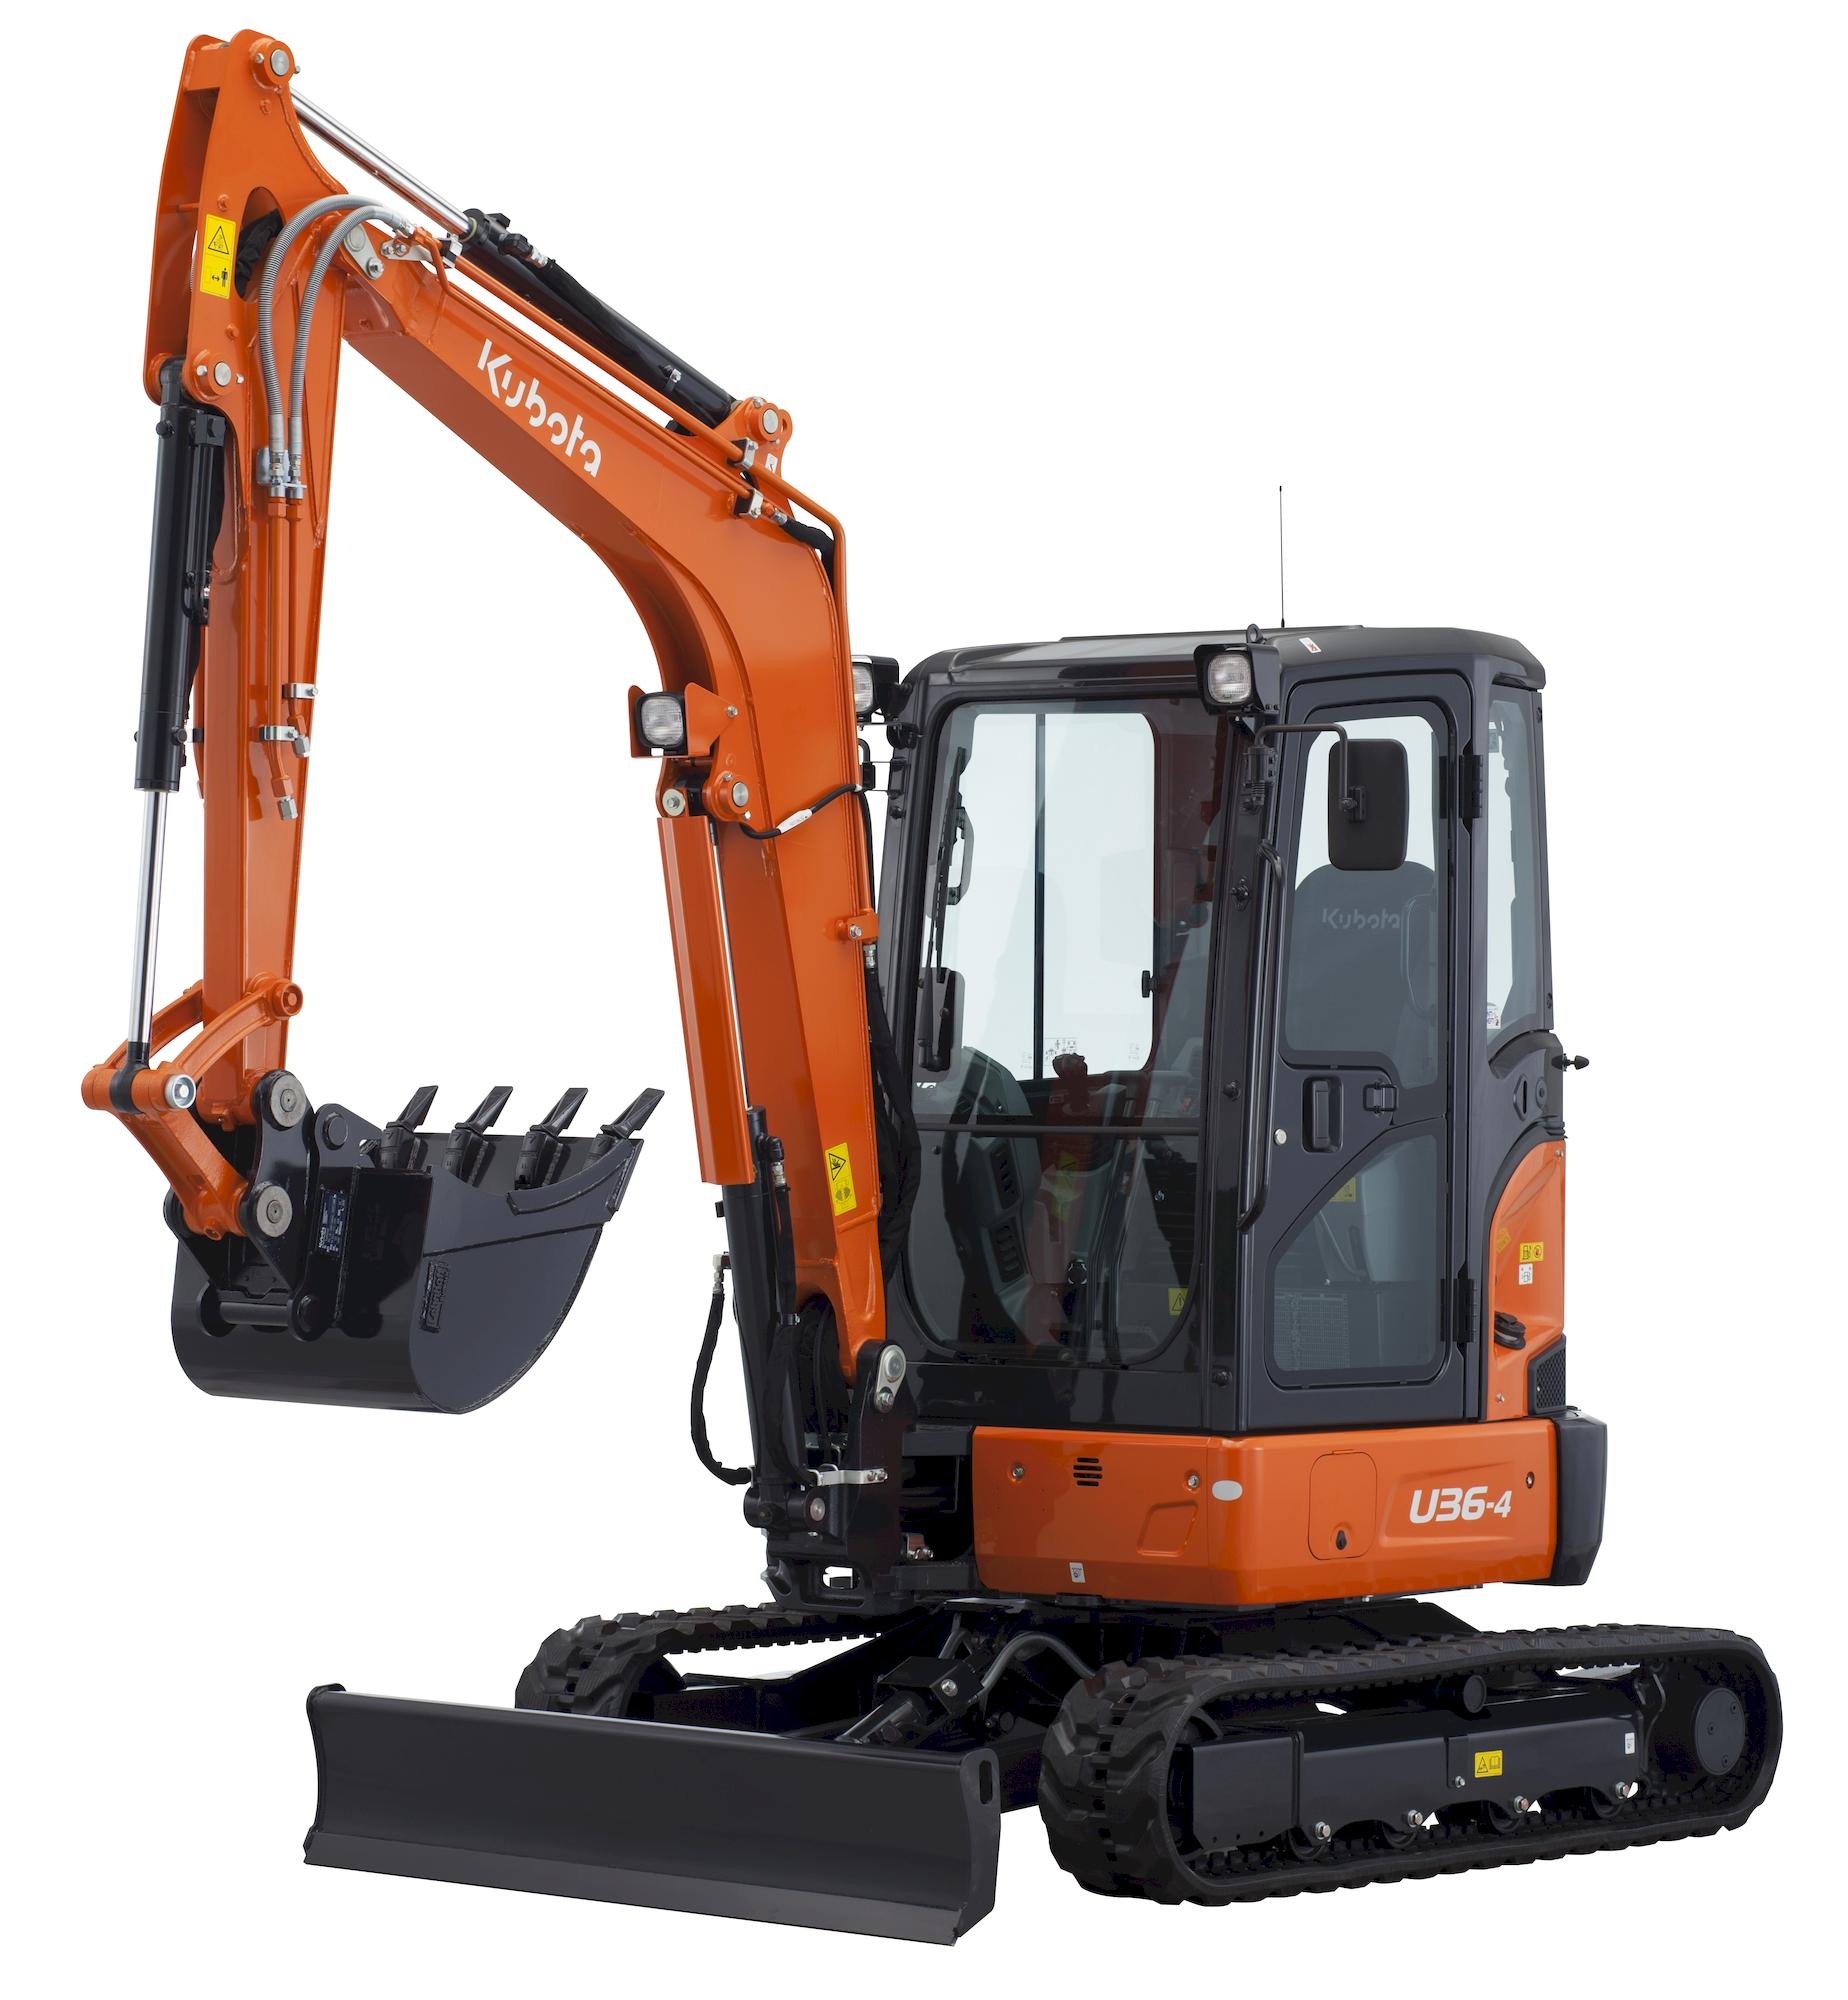 kubota macchine E52a36a6-2a77-4063-a4f7-e4263cbb406a